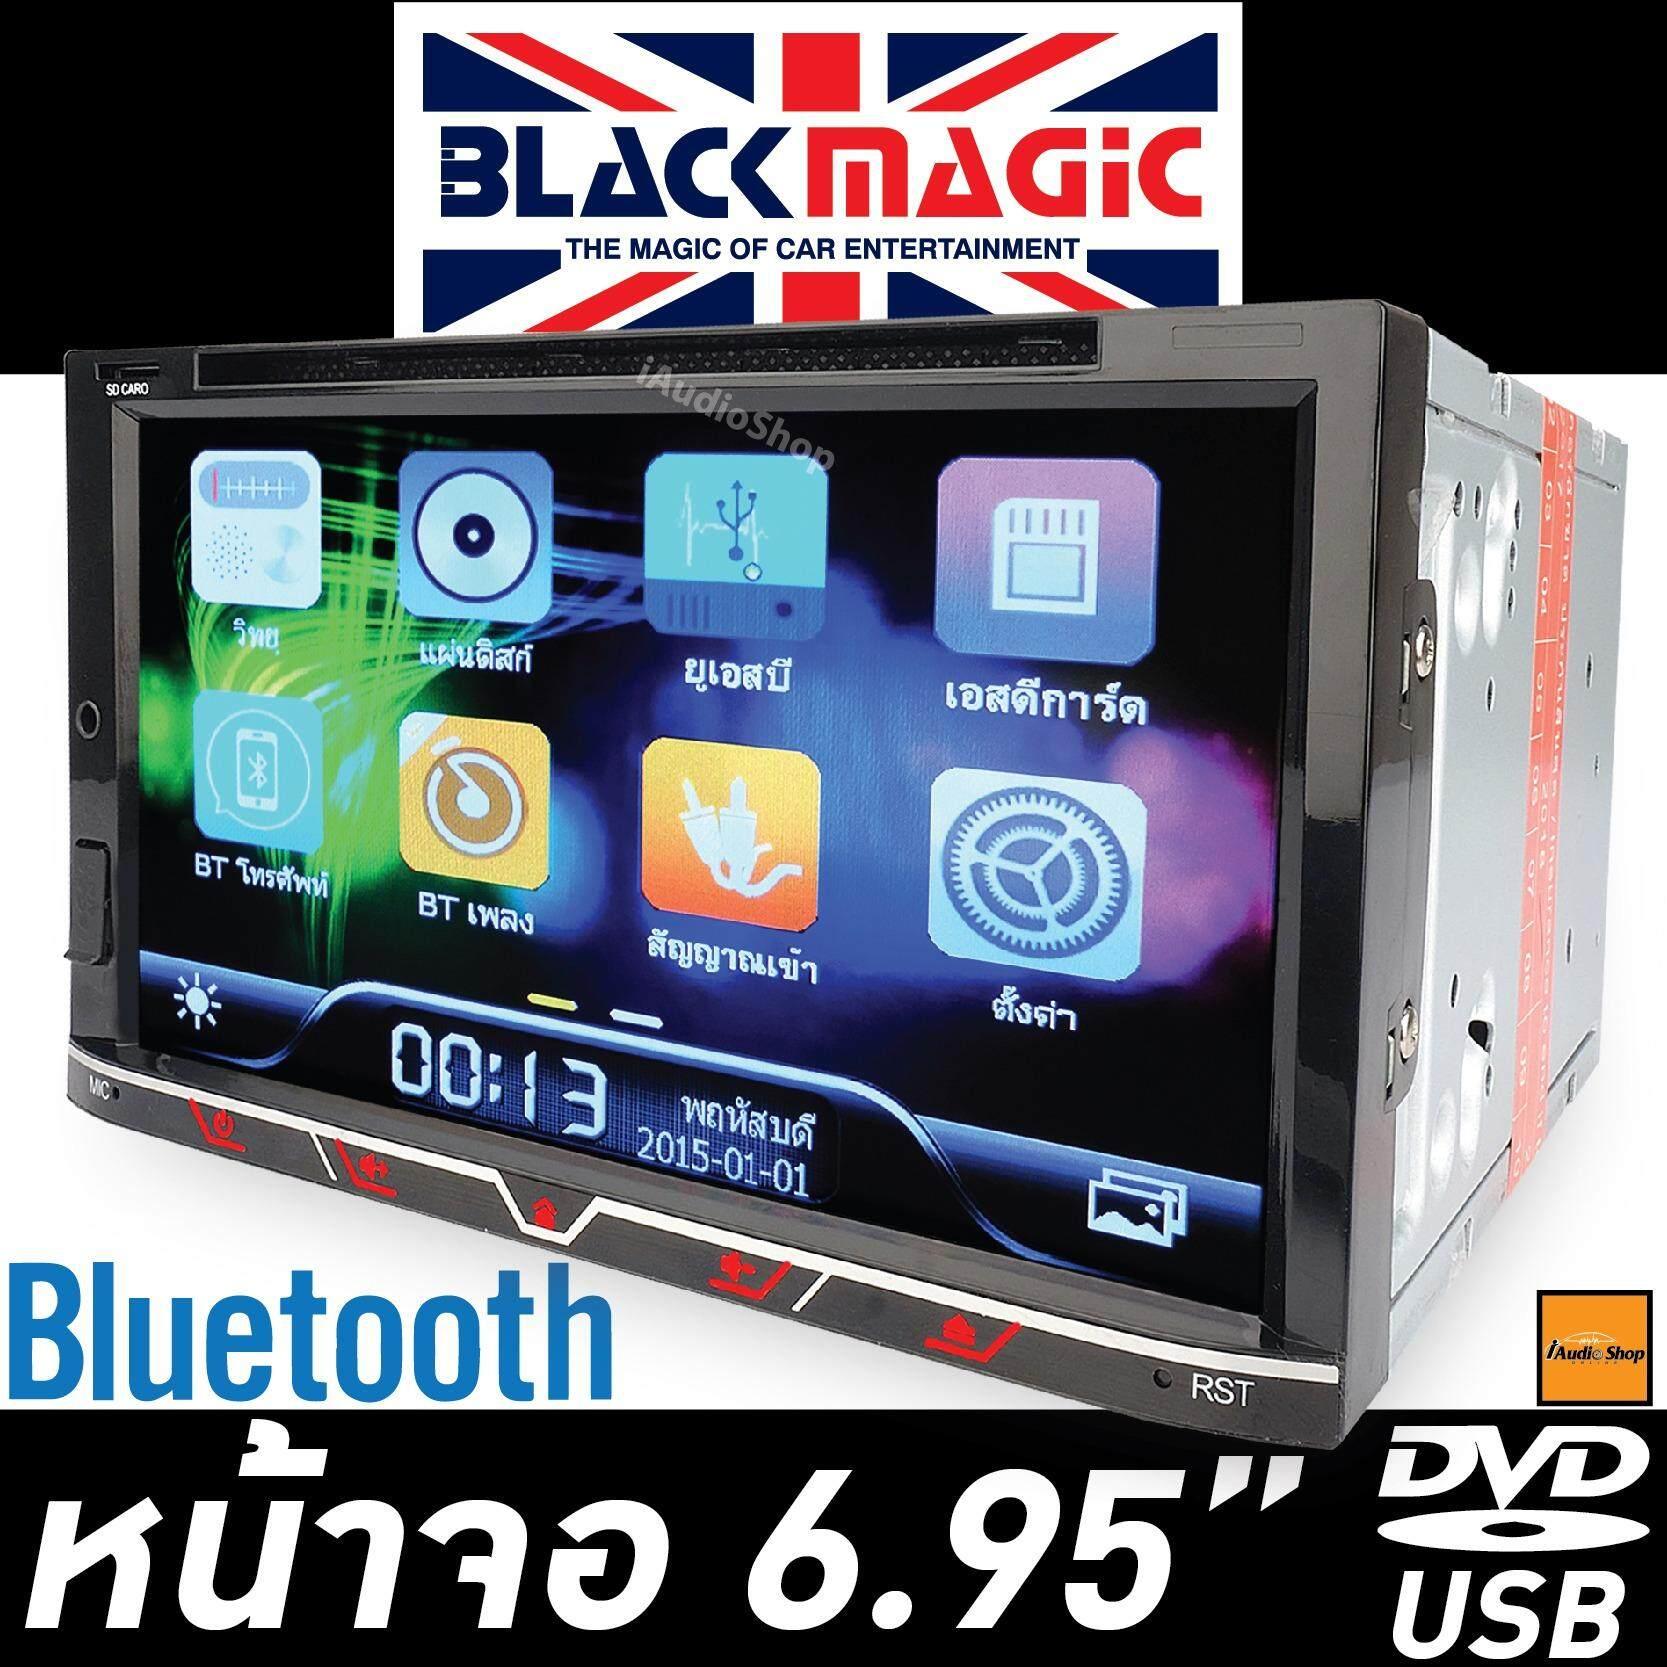 ราคา Black Magic By Number One วิทยุติดรถยนต์ จอติดรถยนต์ จอ2ดิน จอ2Din เครื่องเล่นติดรถยนต์ เครื่องเสียงรถยนต์ ตัวรับสัญญาณแบบสเตอริโอ แบบ 2Din Bmg Number One 704 ขนาด6 95นิ้ว Black Magic